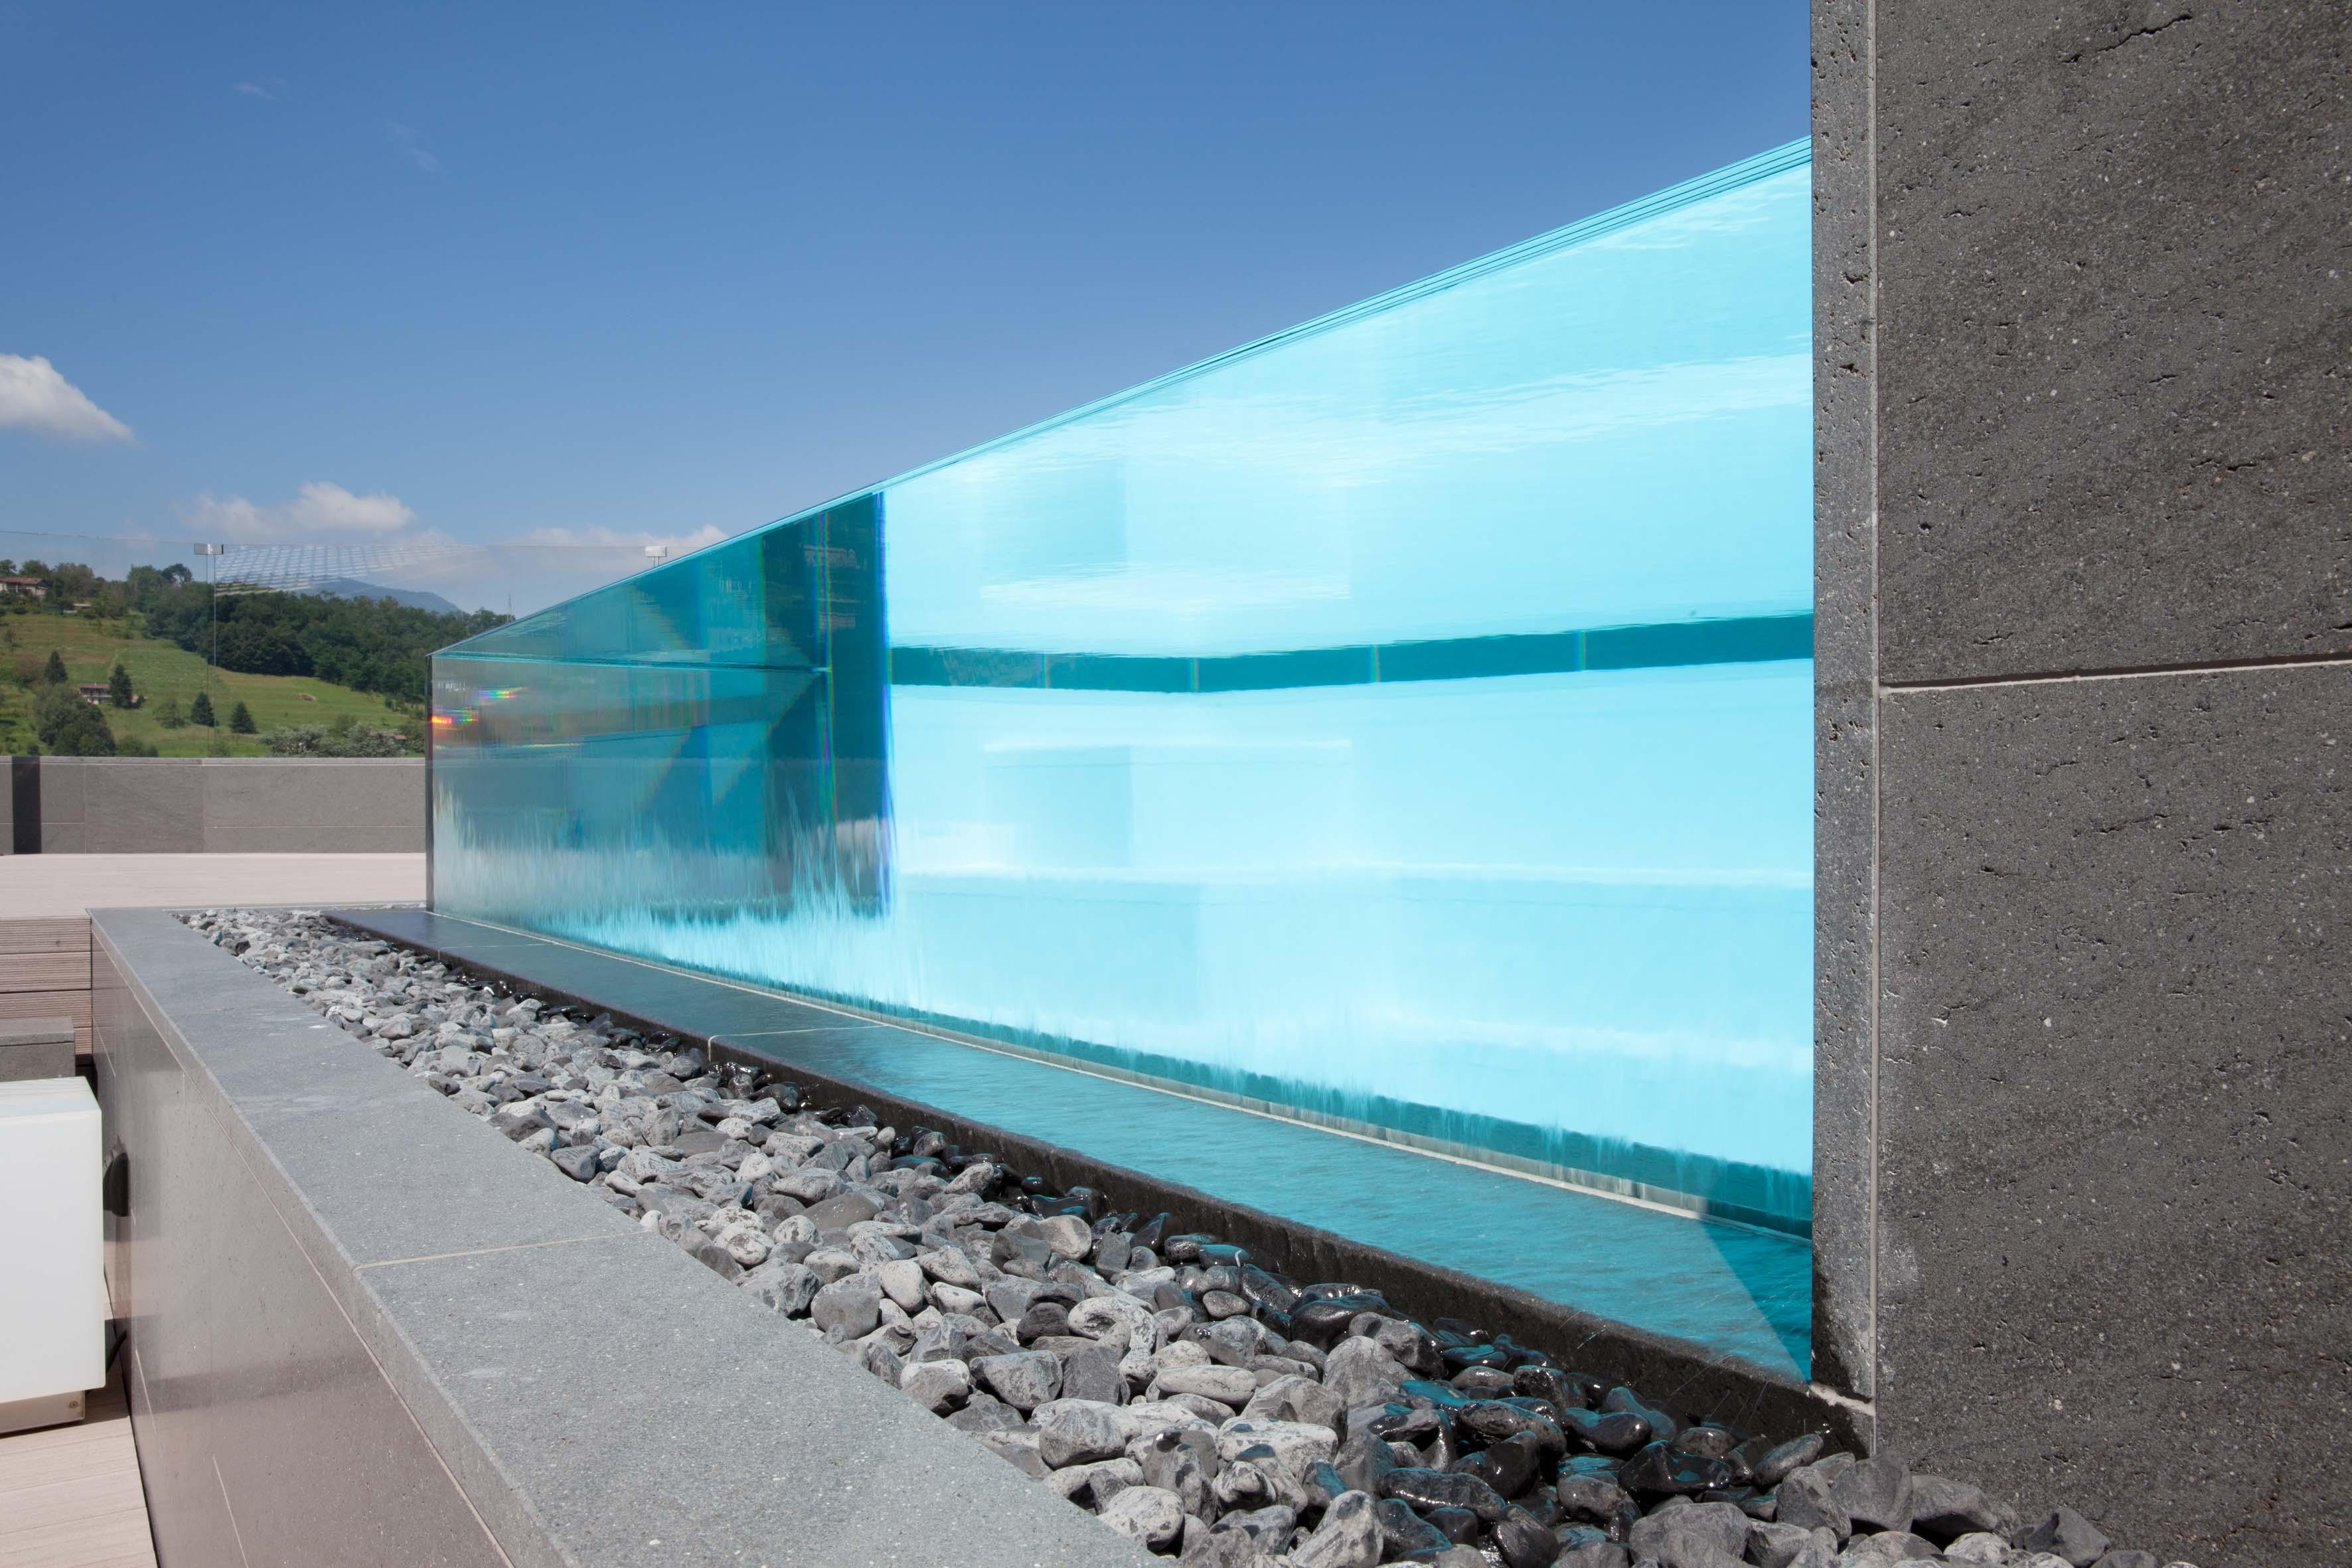 Piscine Sfioro A Cascata piscina a sfioro o skimmer? differenze - tgs piscine